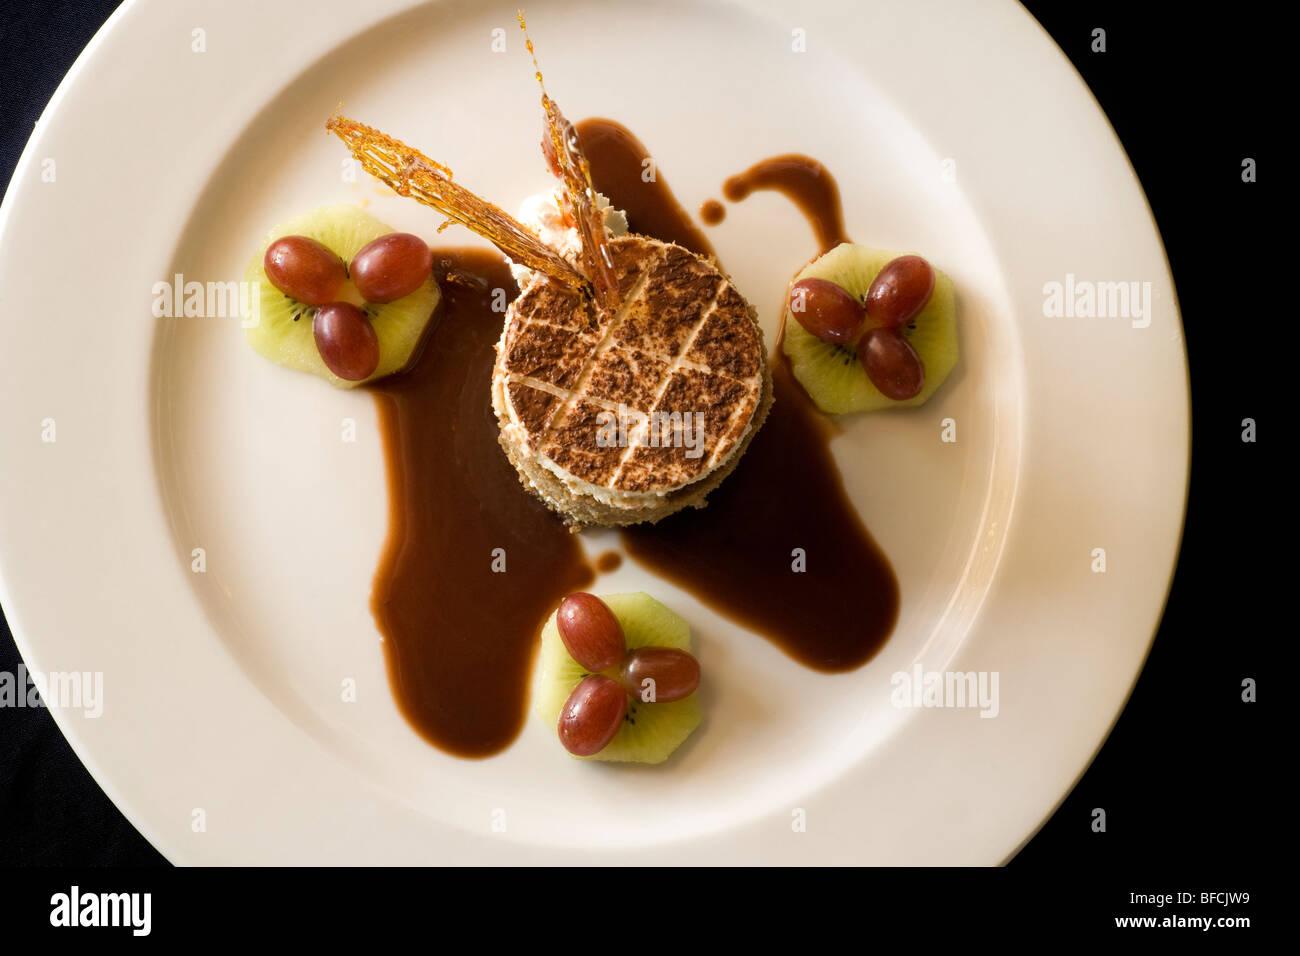 Tiramisu Dessert - Hemingways Resort - Watamu, Kenya Photo Stock